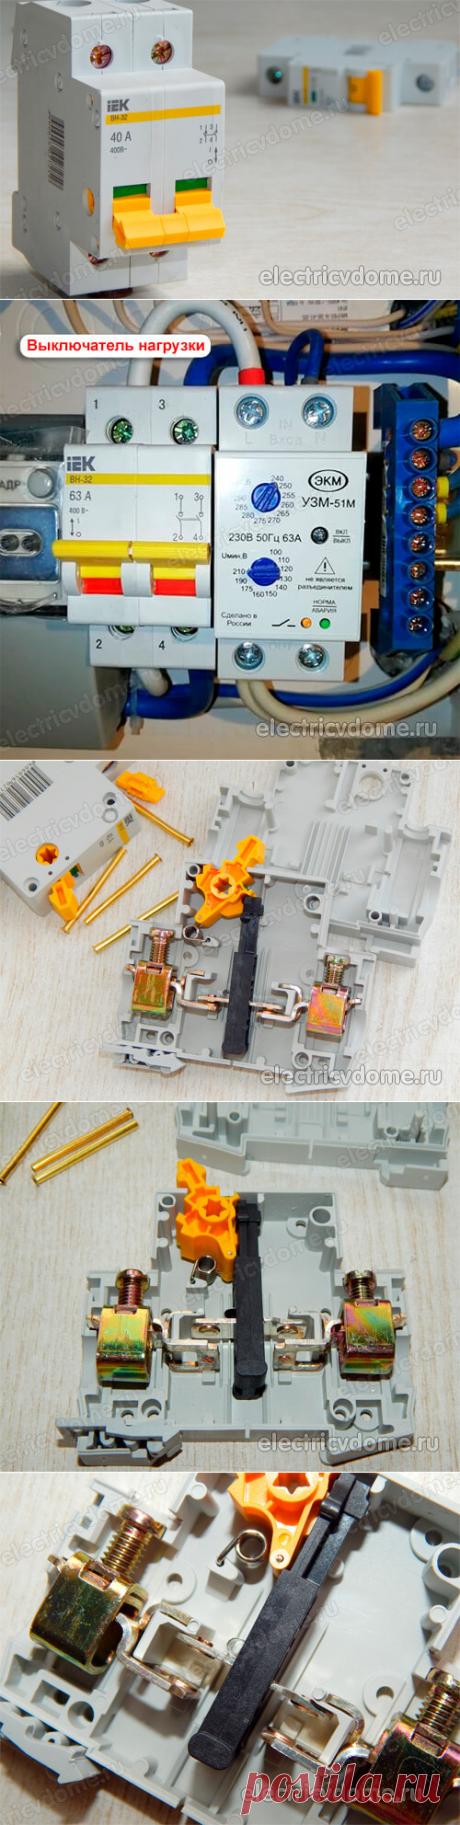 Модульный выключатель нагрузки ВН 32 - назначение, устройство, обозначение на схеме